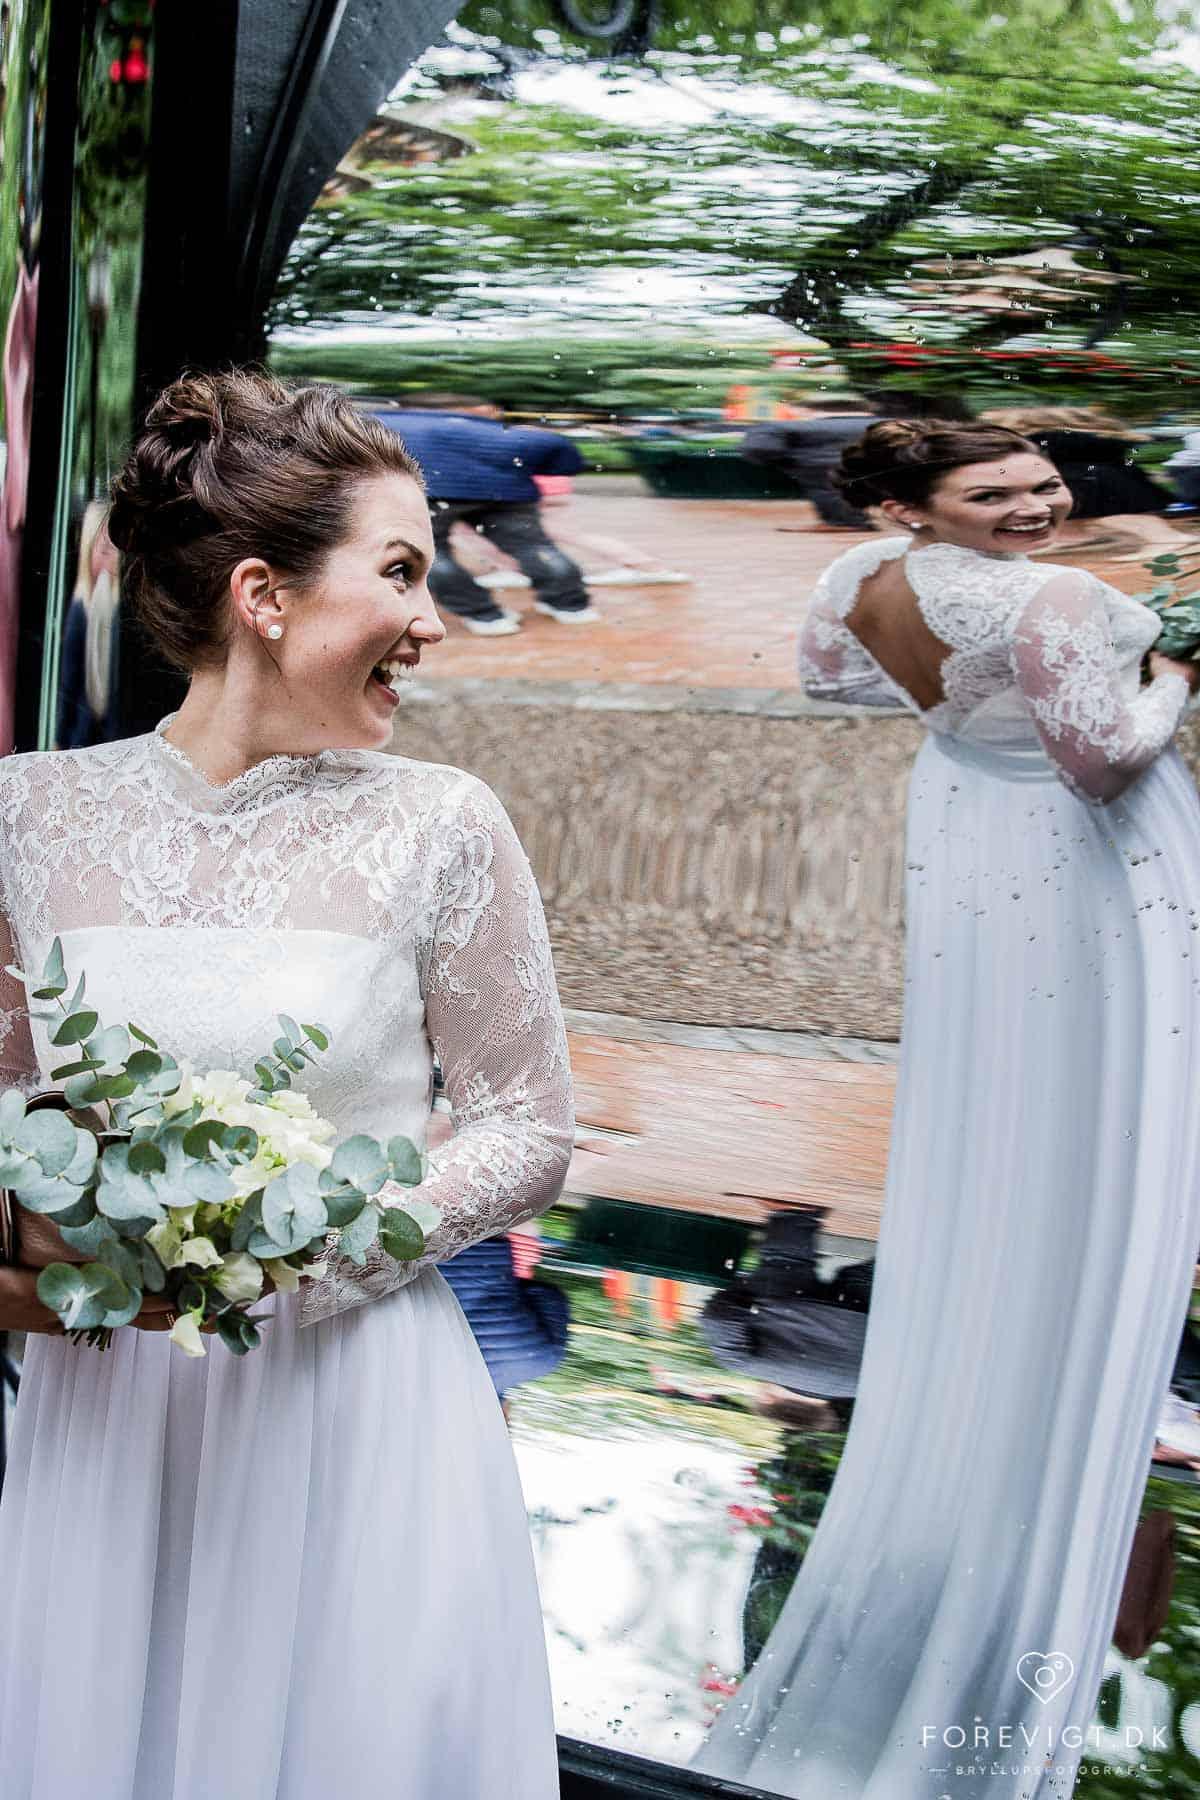 Nimb Events skaber rammen om forretningsmødet, brylluppet og receptionen